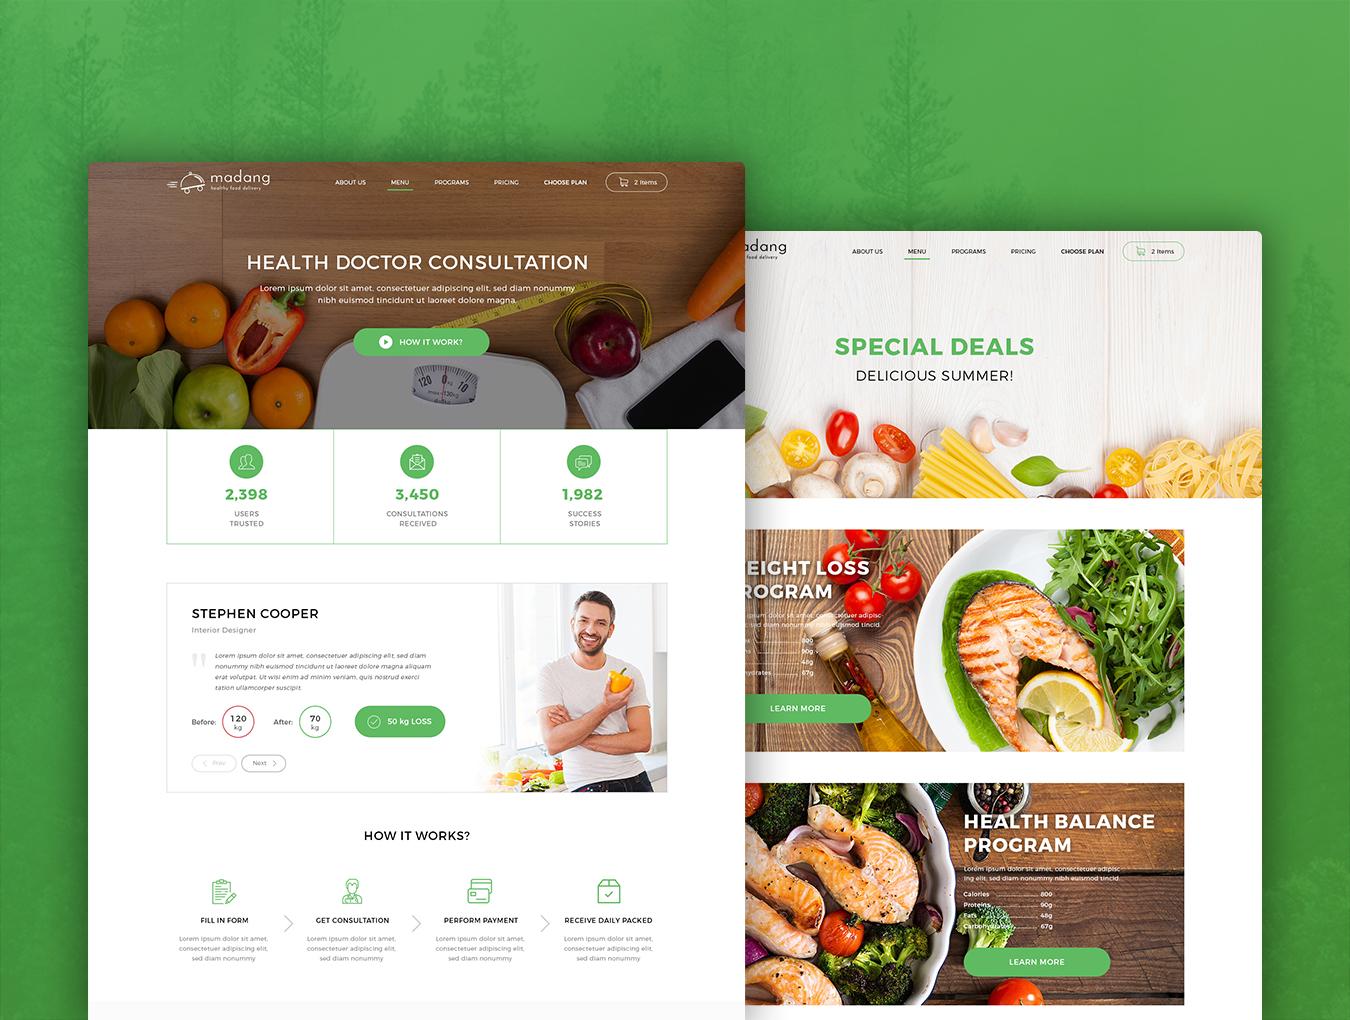 完整的美食健康快递类网页模板素材.psd素材下载 网页模板-第5张